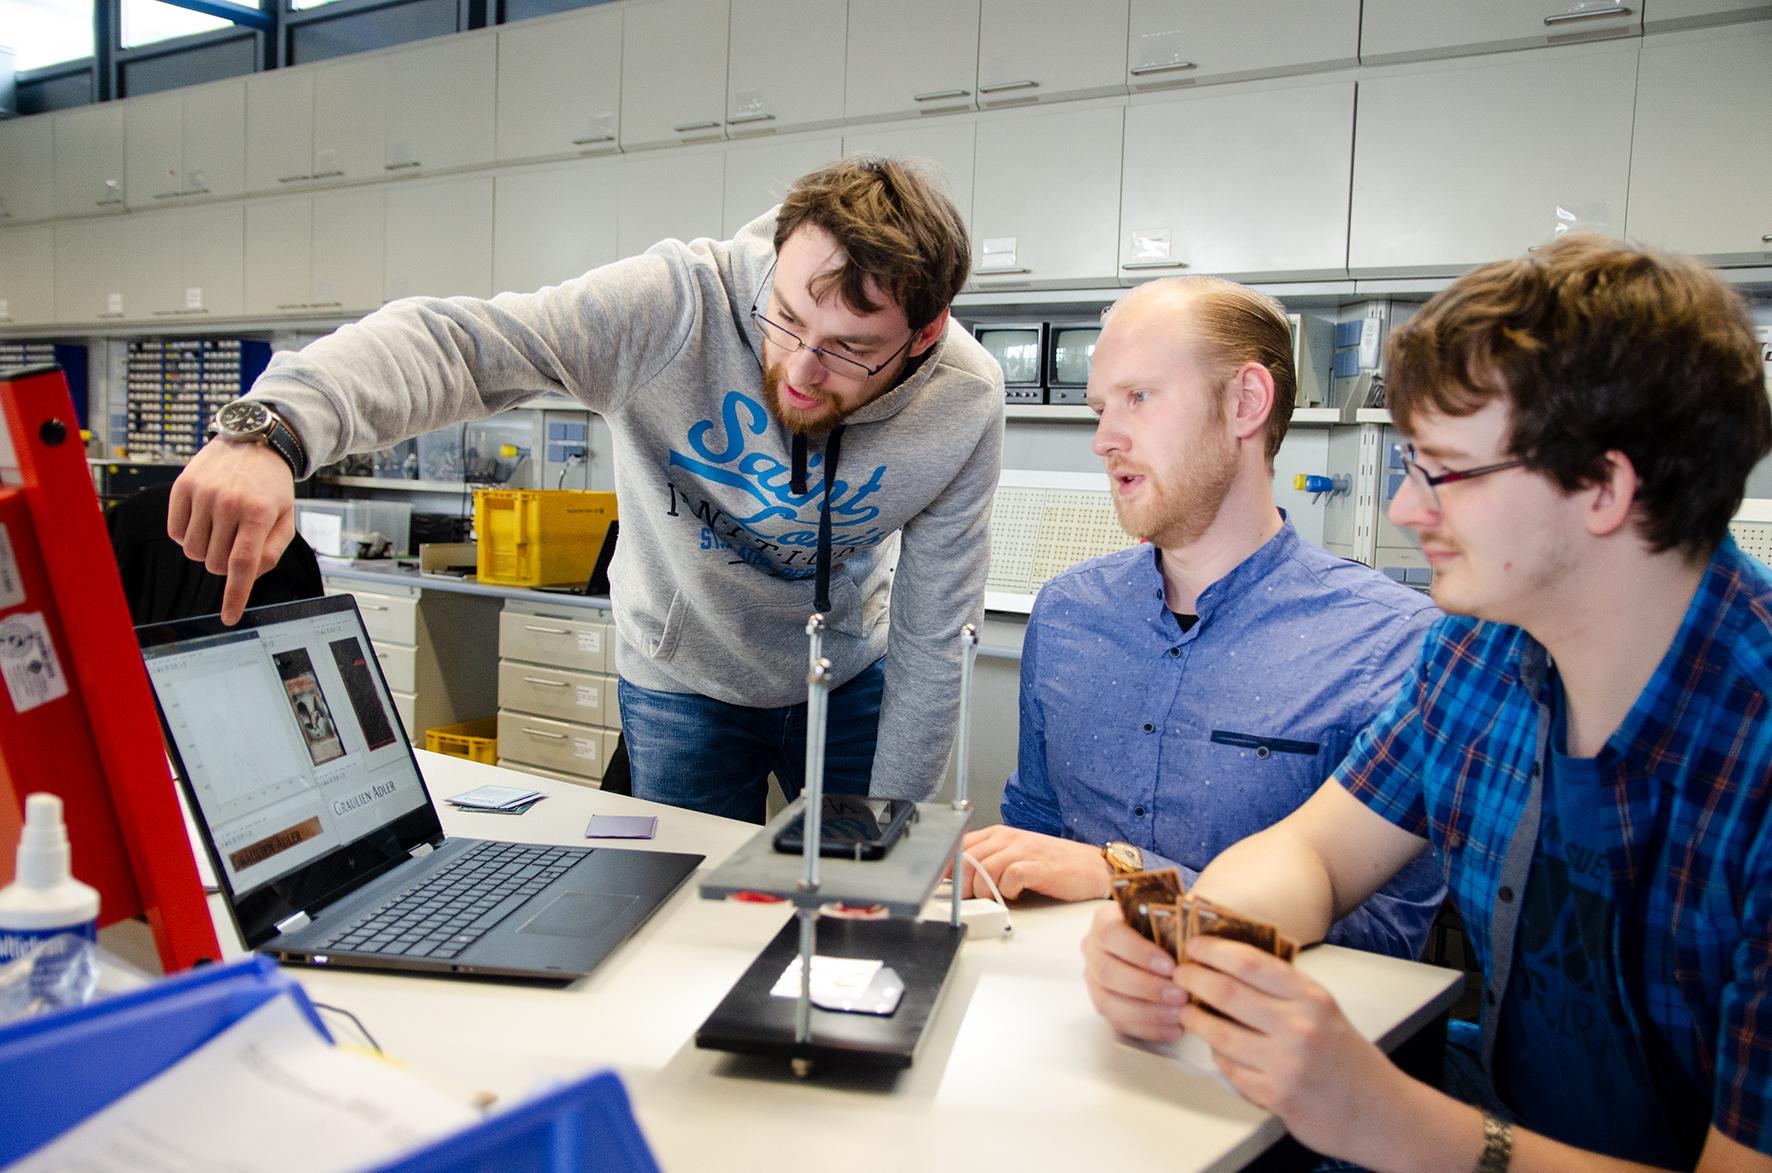 Adrian Schulz, Alexander Sundermeier und Christian Herrmann mit Apparat